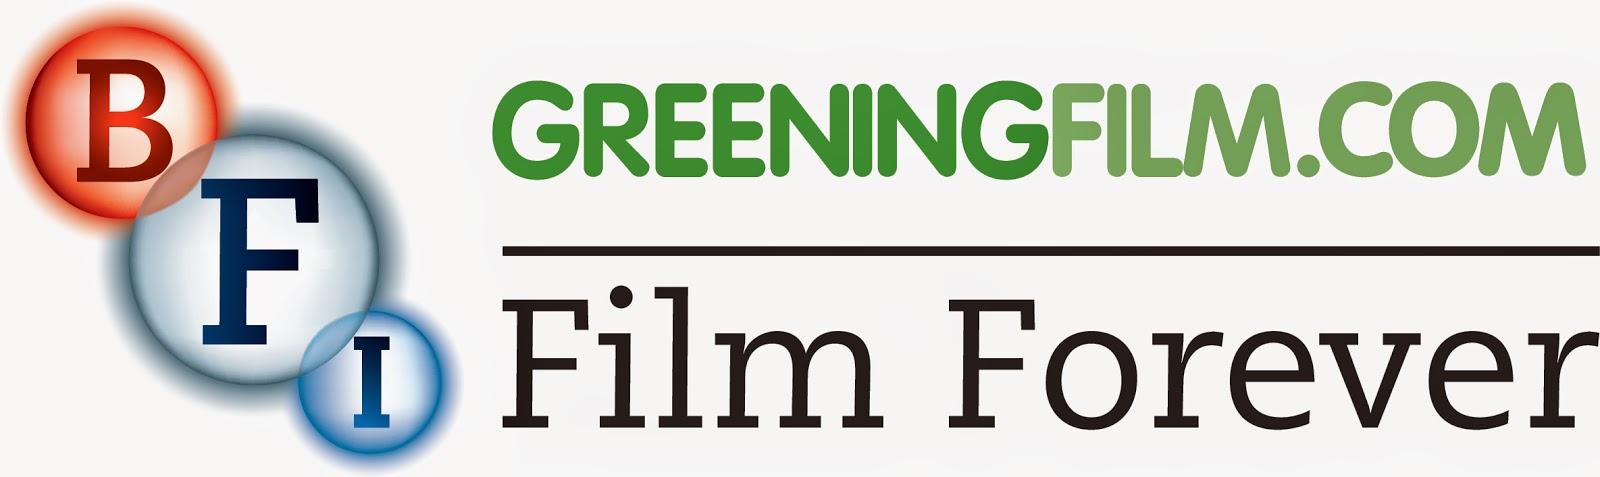 BFI Greening Film